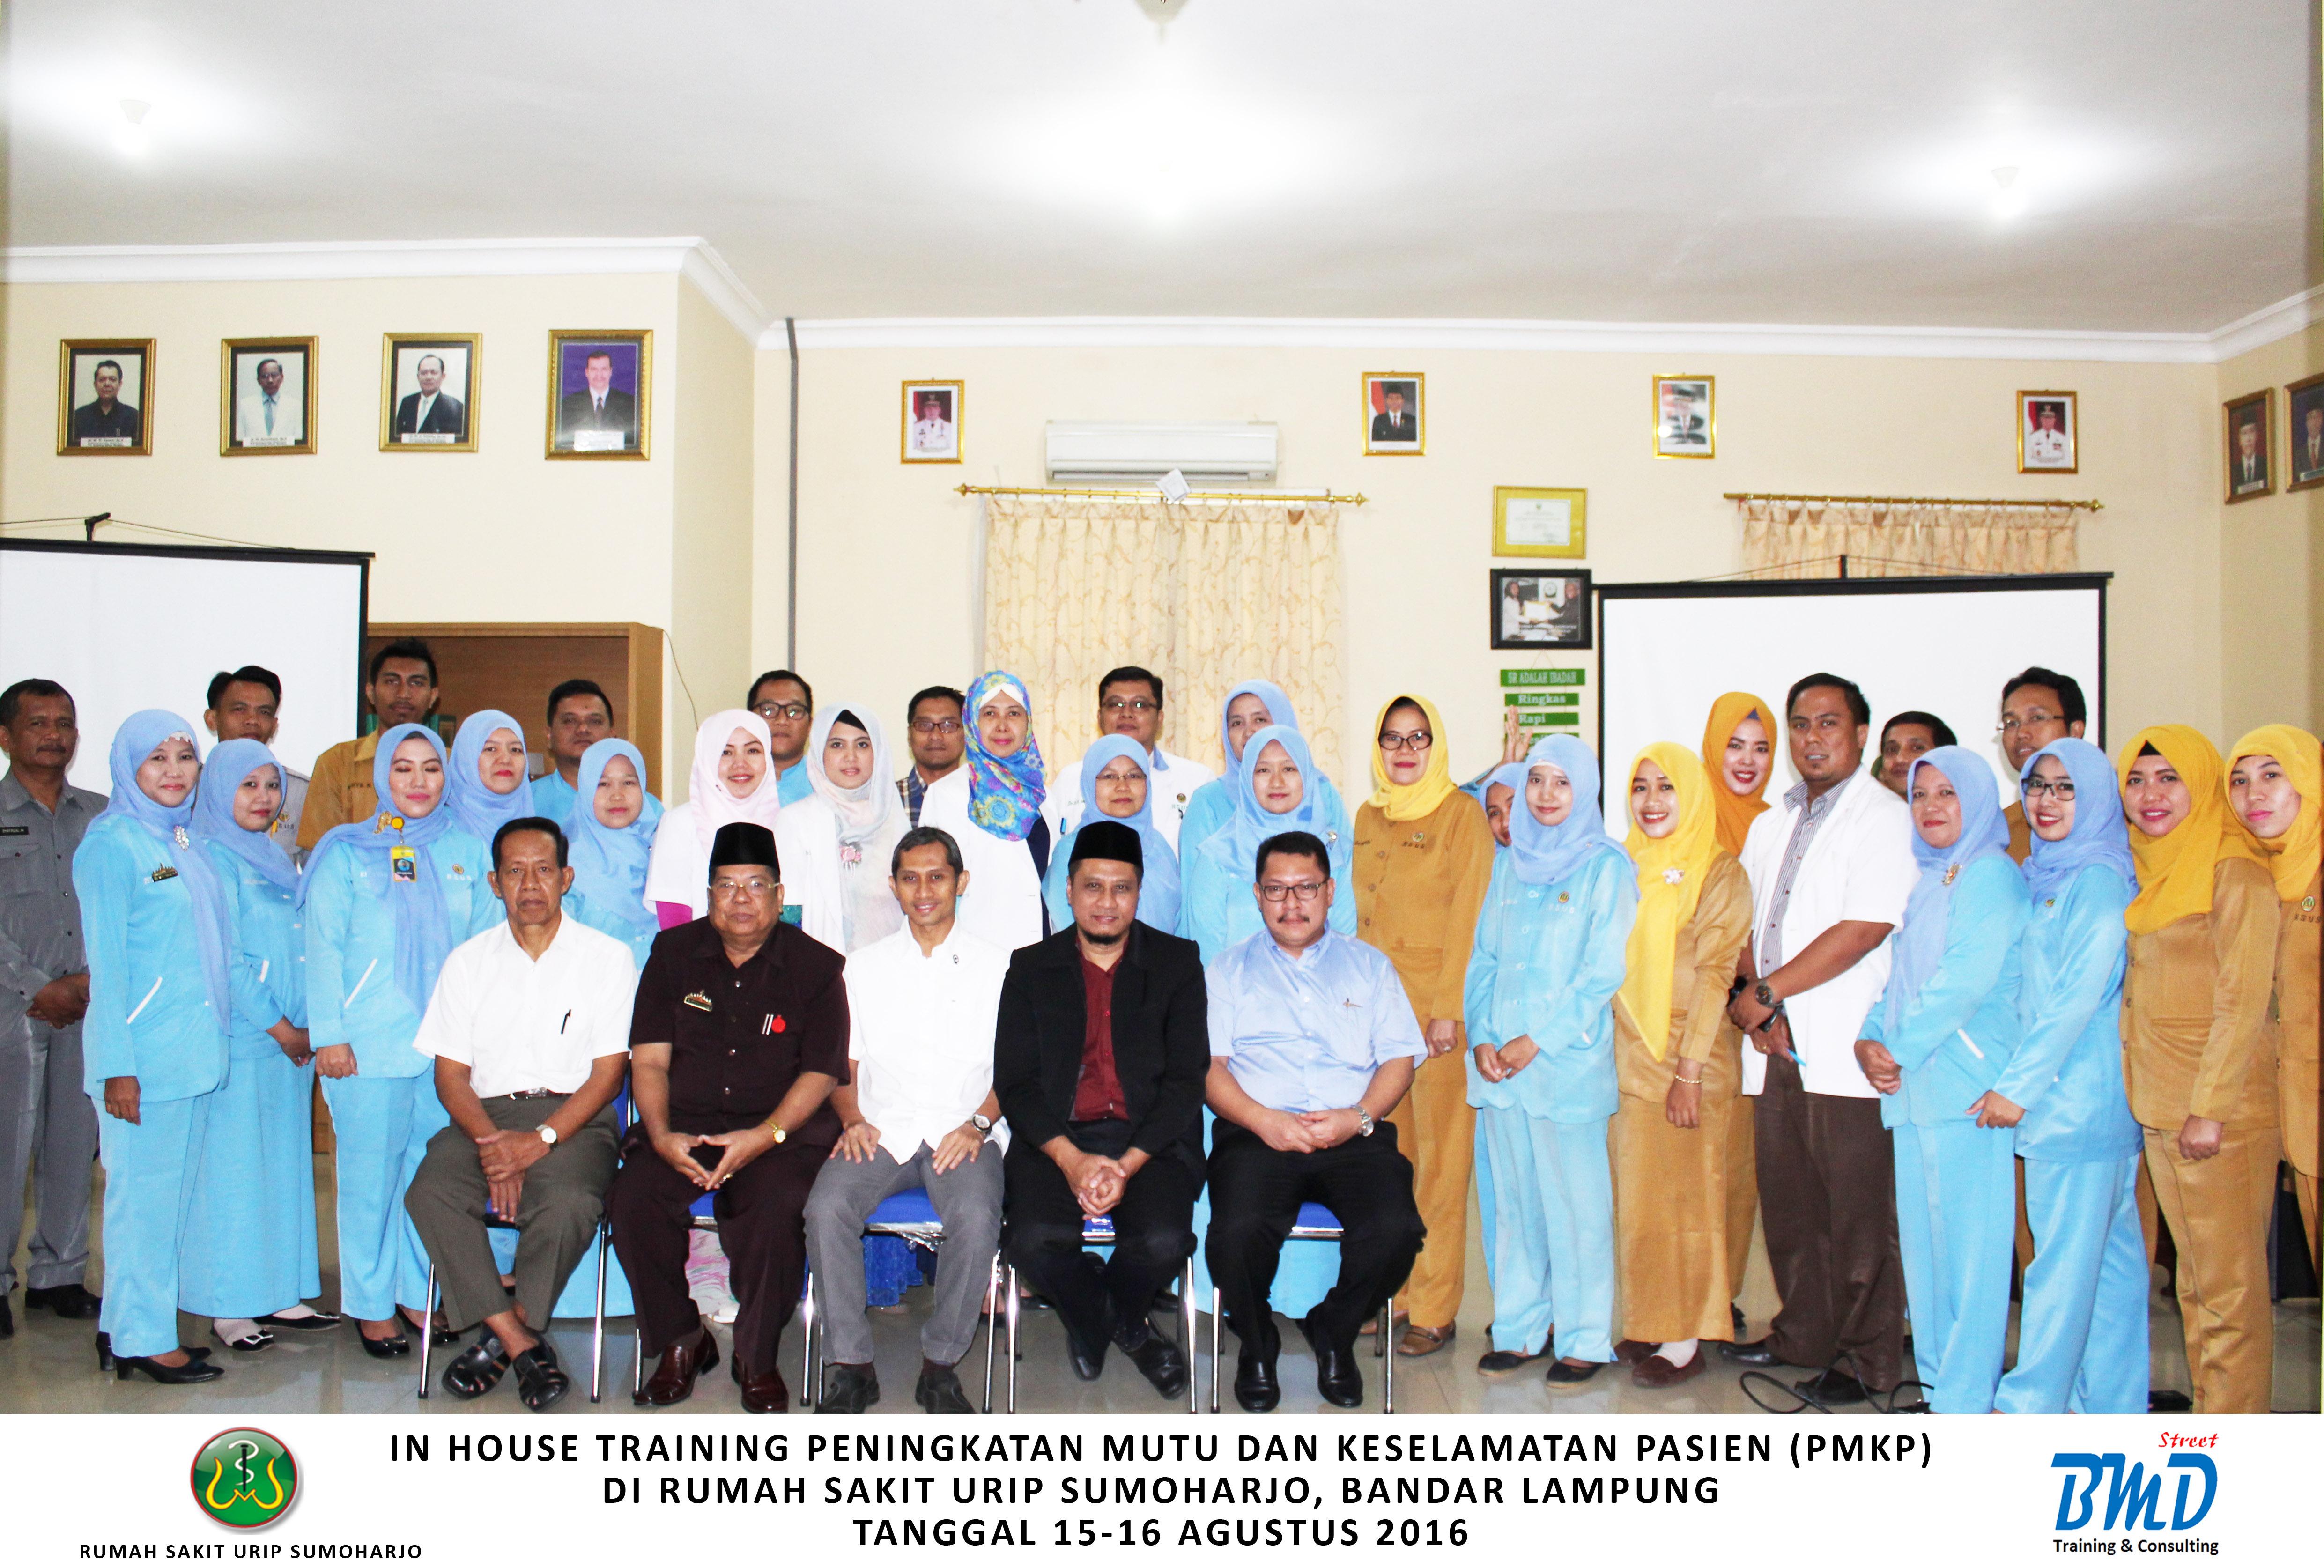 Training Peningkatan Mutu dan Keselamatan Pasien di Rumah Sakit (PMKP) (29-30 Januari 2018 Jakarta)